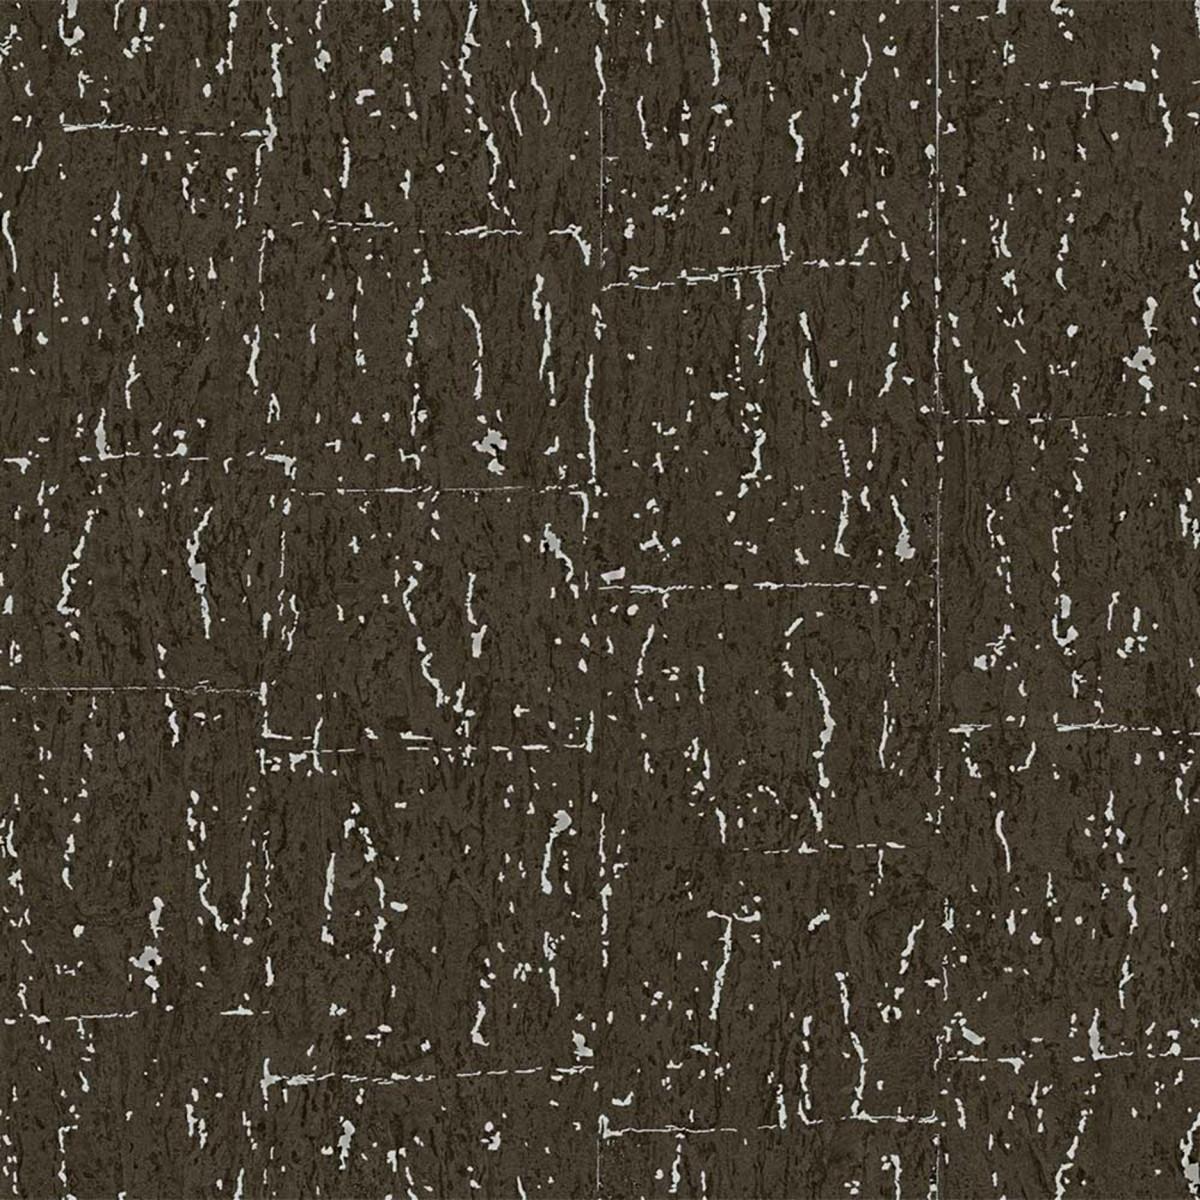 Обои флизелиновые Adawall Indigo коричневые 1.06 м 4701-11